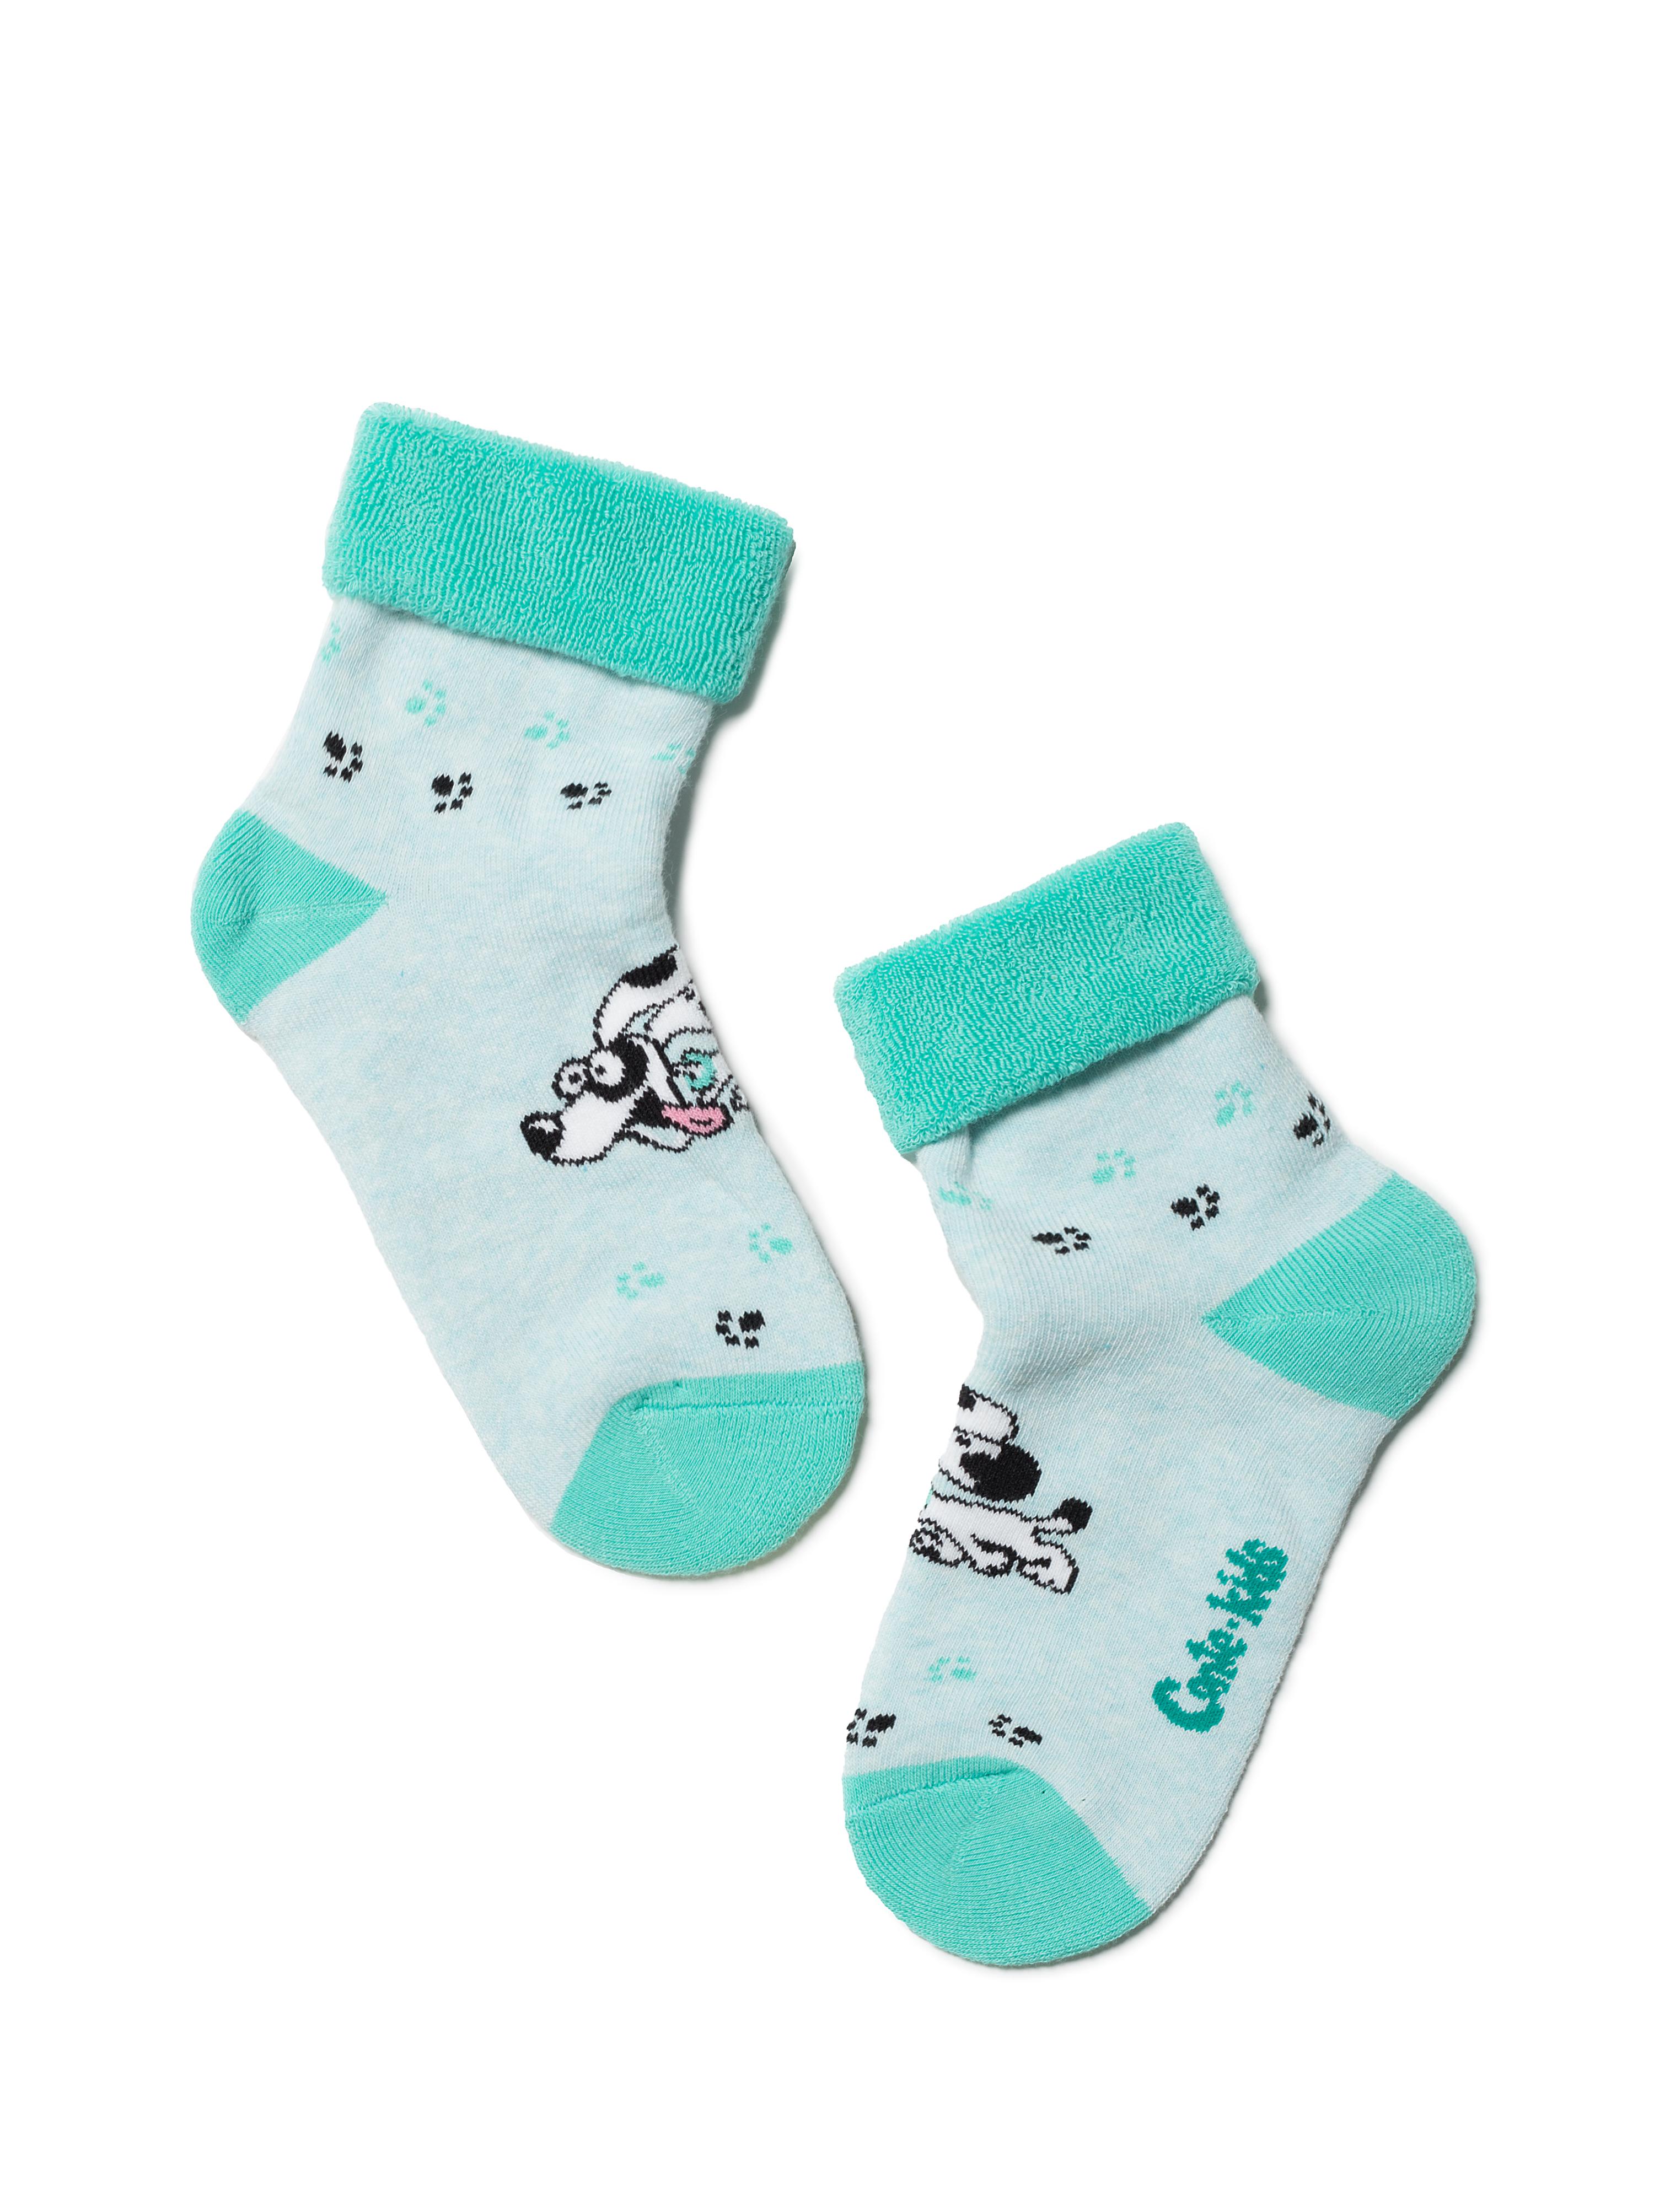 Носки детские Conte Kids SOF-TIKI (с отворотом) 6С-19СП, р.18, 223 бледно-бирюзовый,  - купить со скидкой